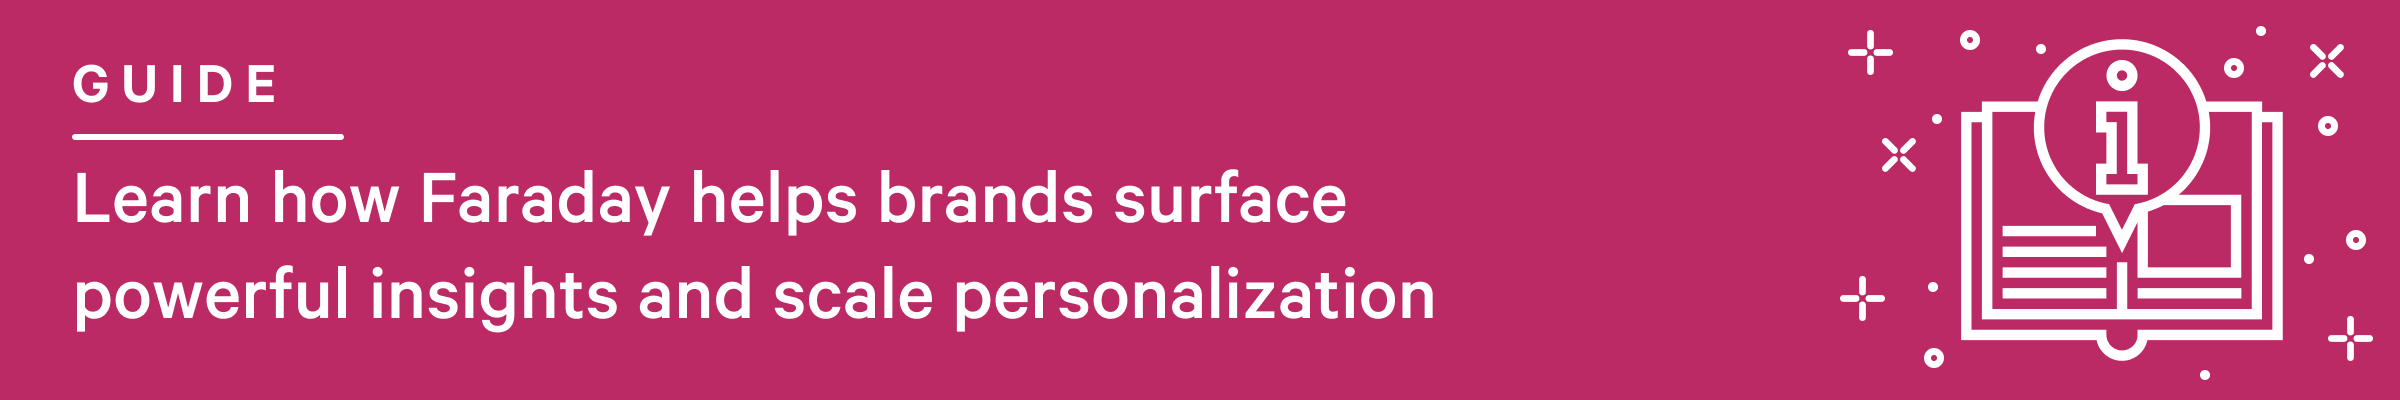 Personalization playbook